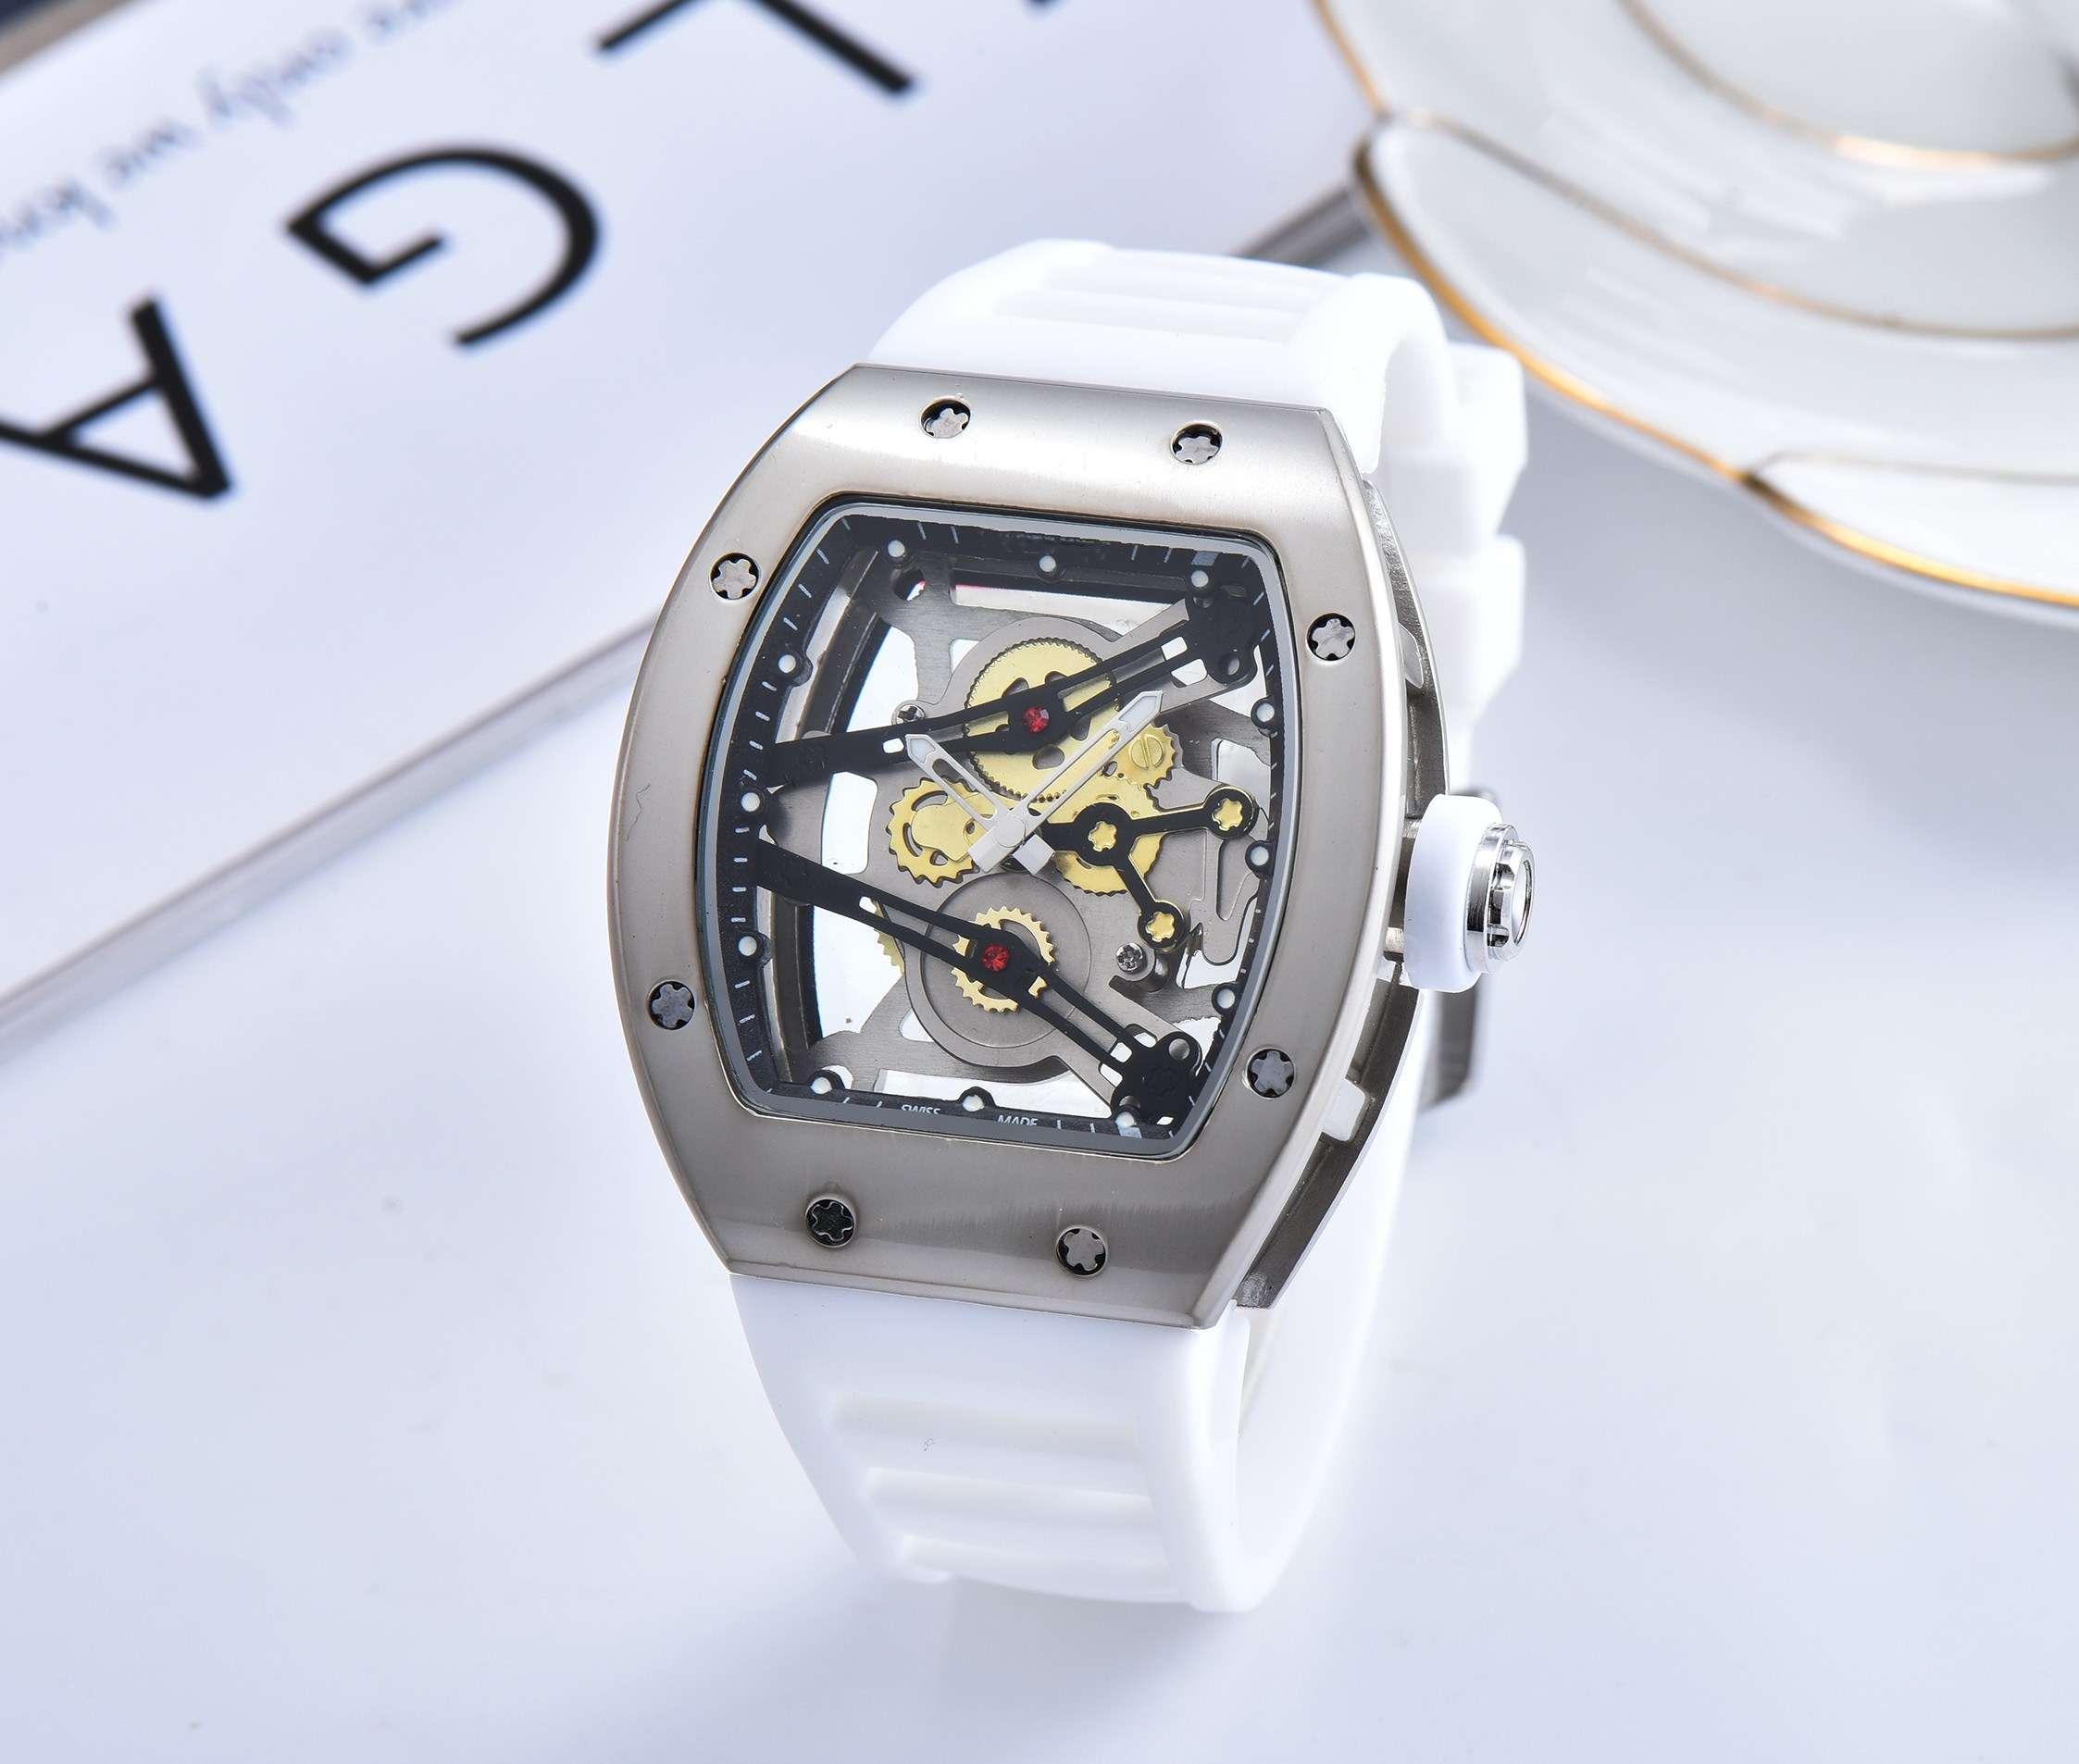 Novo Alta Qualidade Mens Relógio Silicone Fantasma Cabeça Esqueleto Relógios Skull Sports Quartz Hollow relógios de pulso